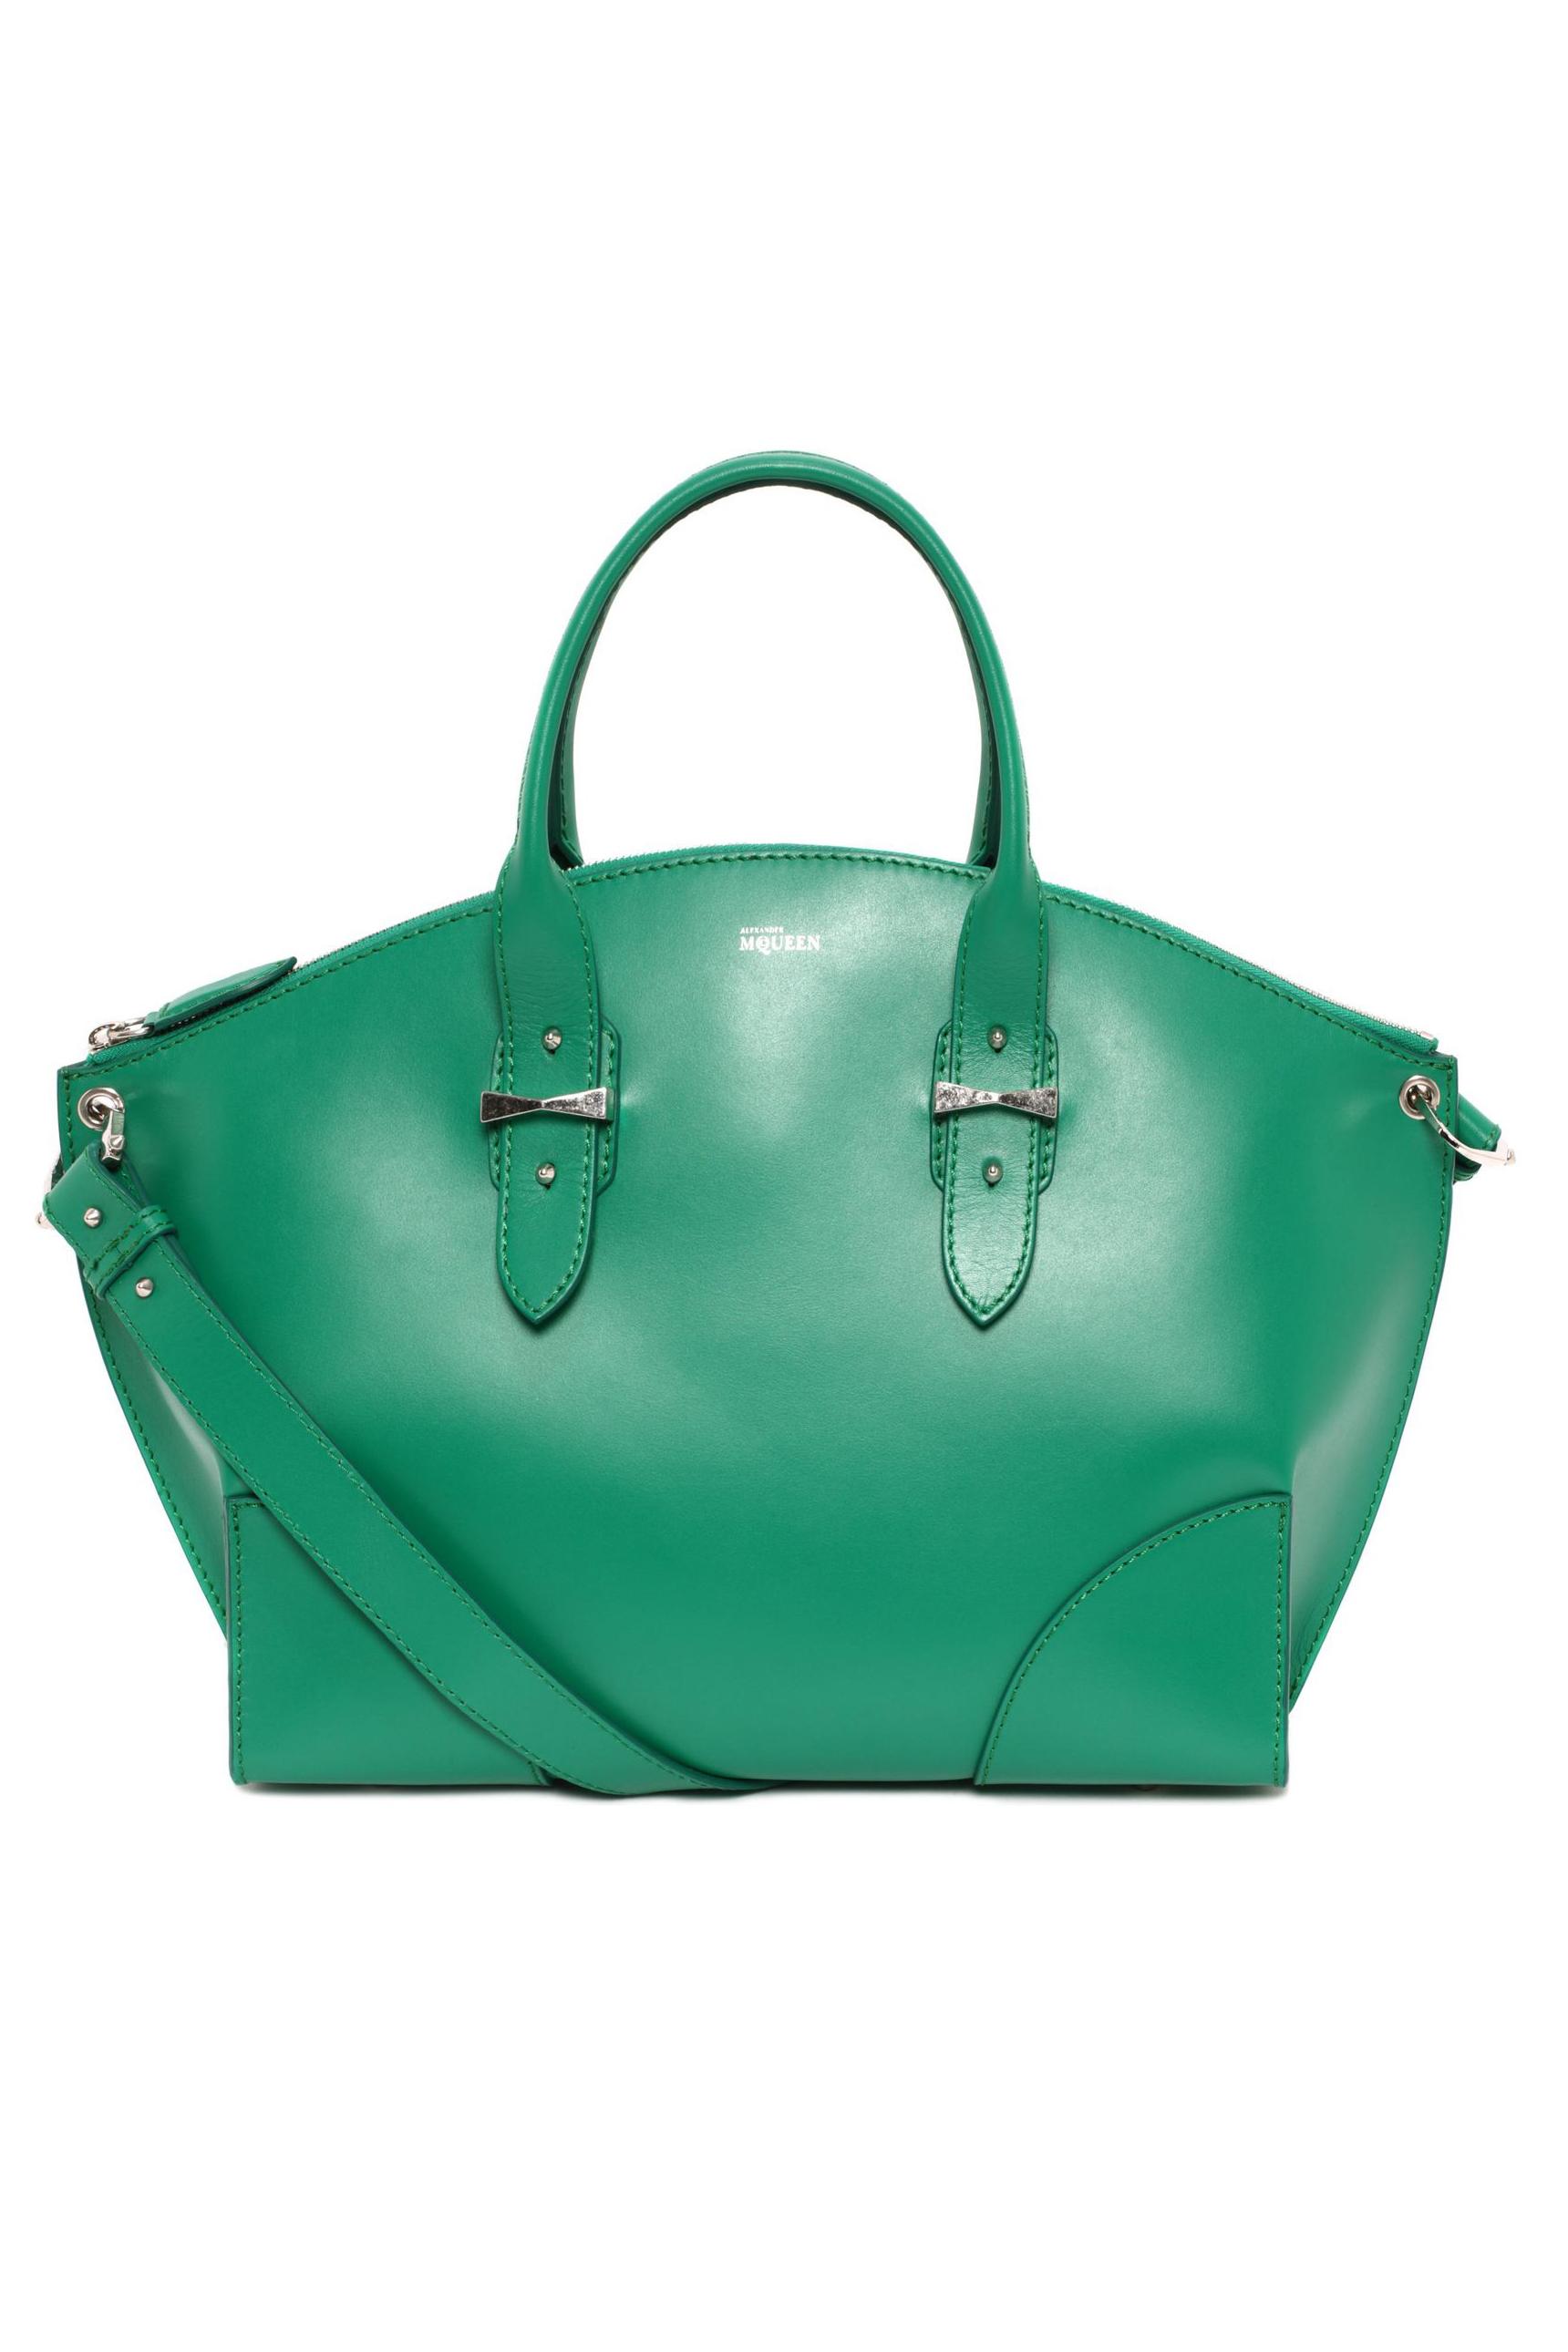 popular purse colors 2015